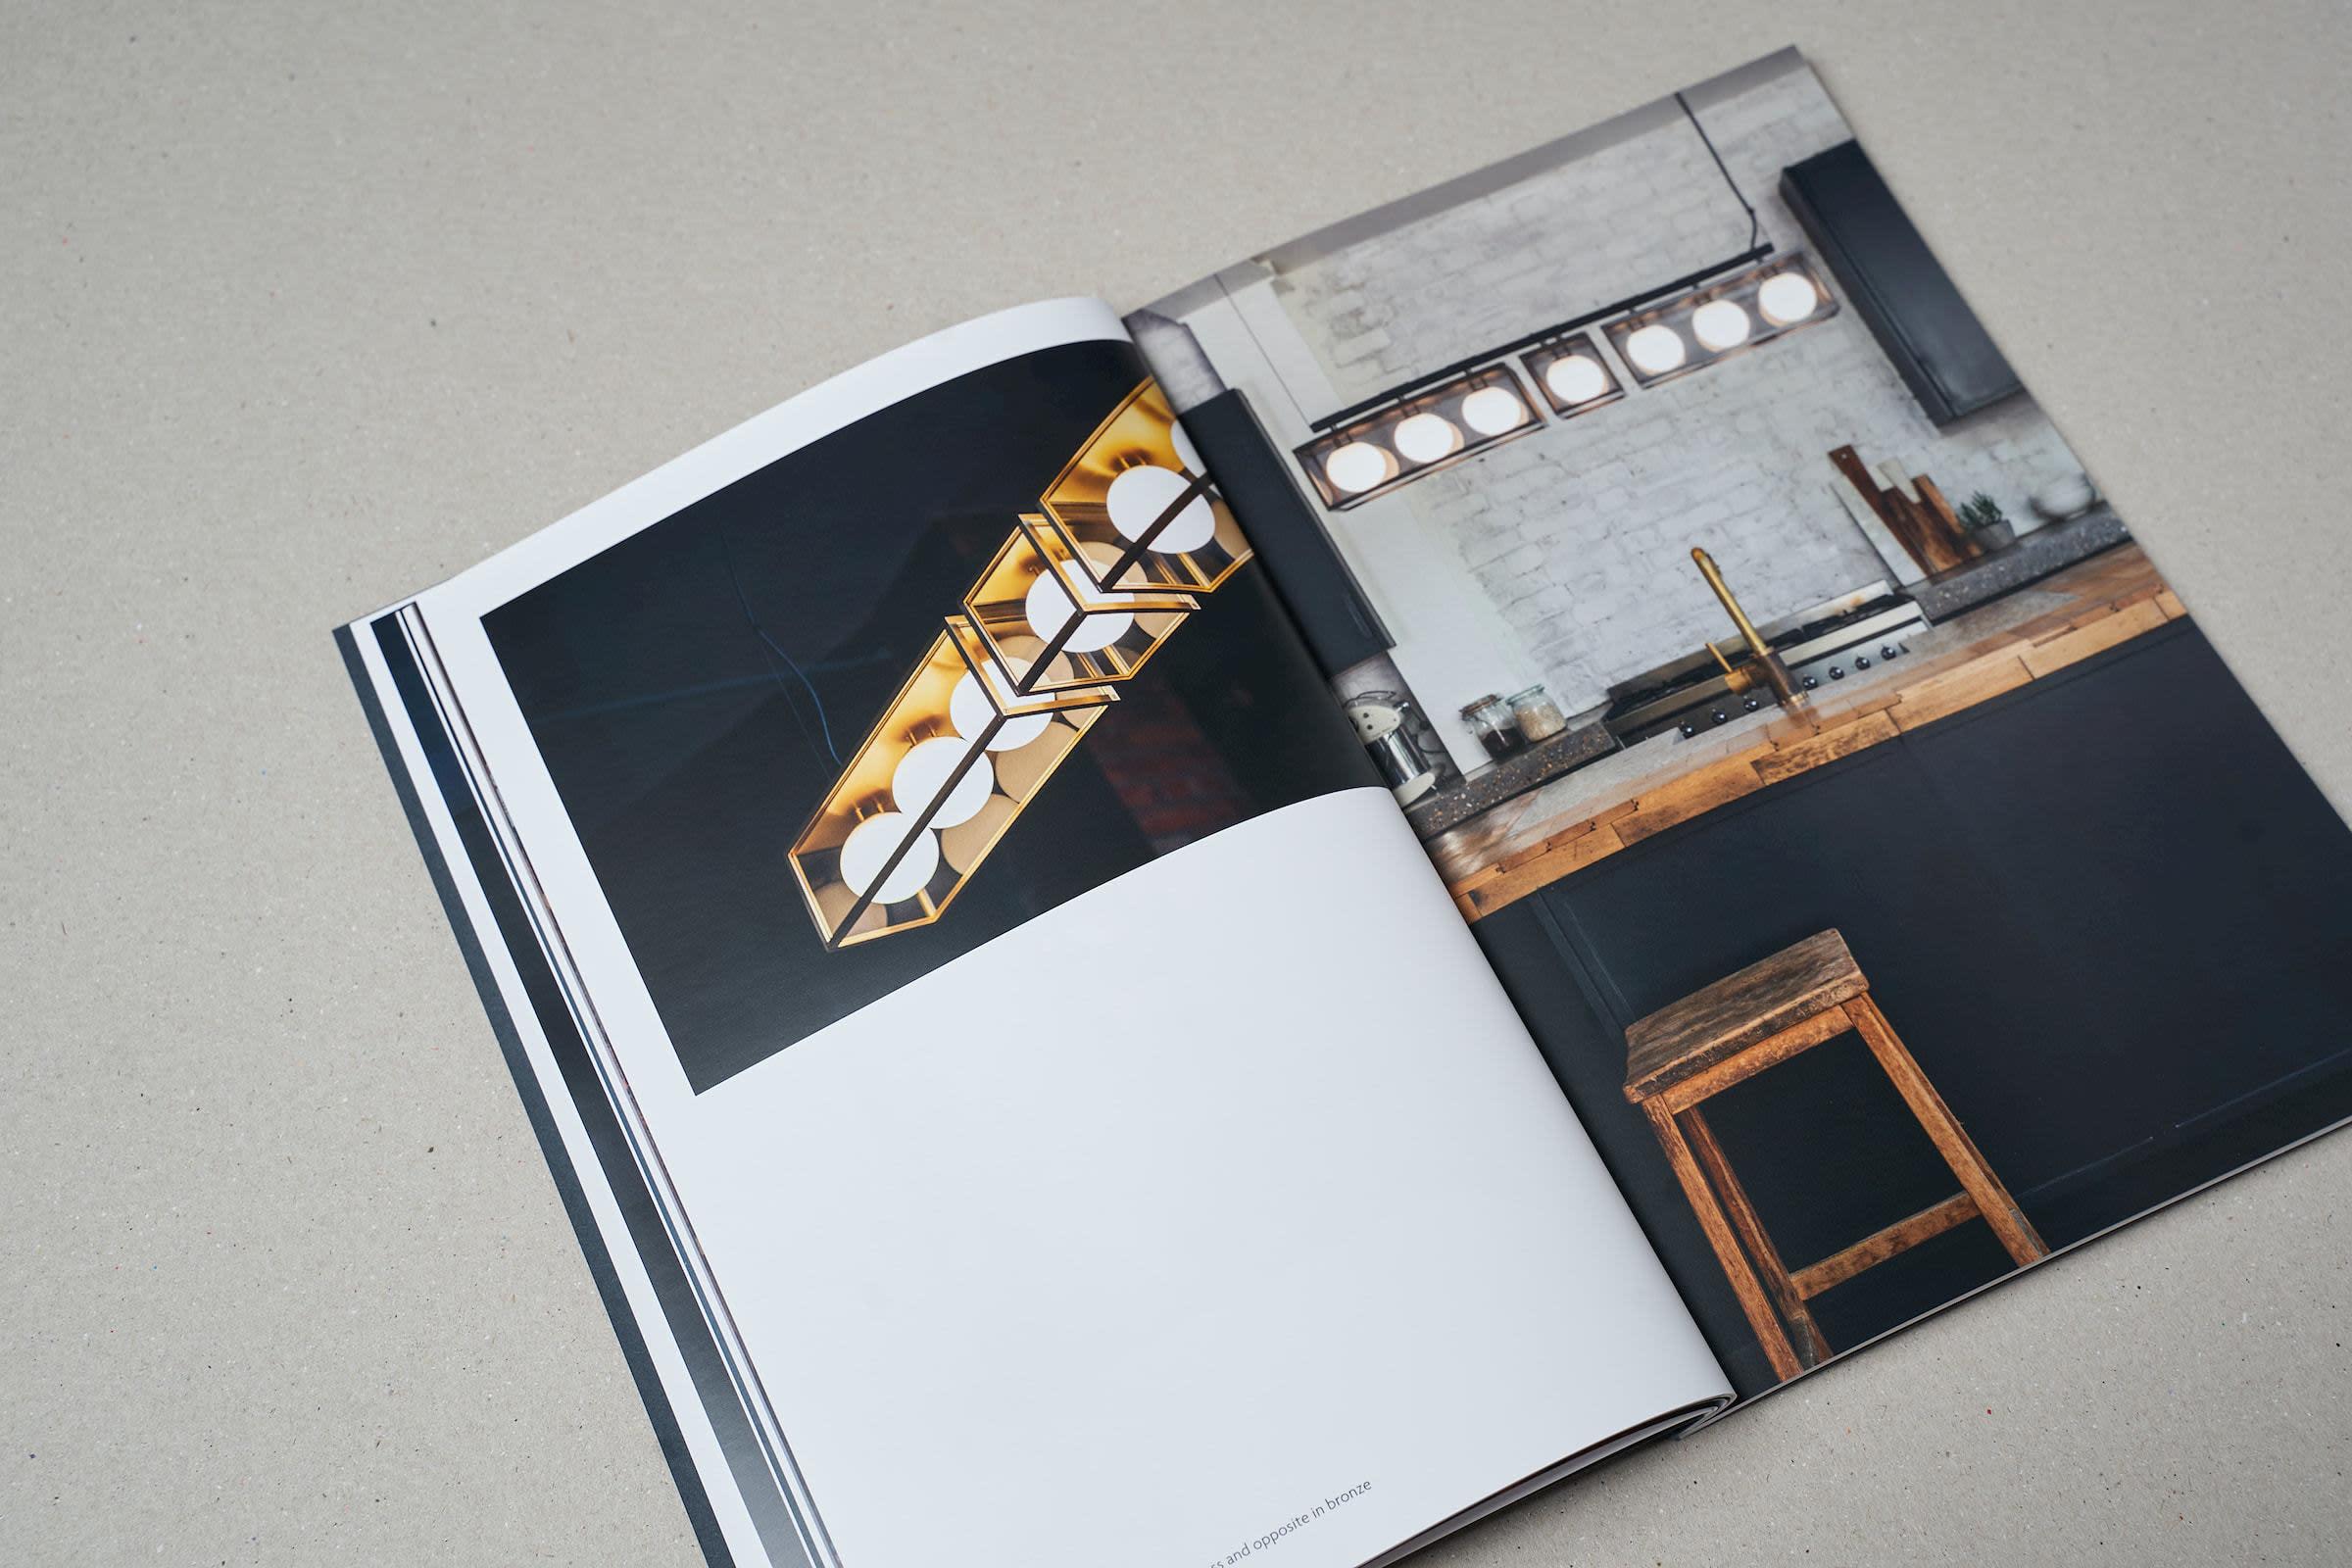 saul studio — J. Adams & Co.